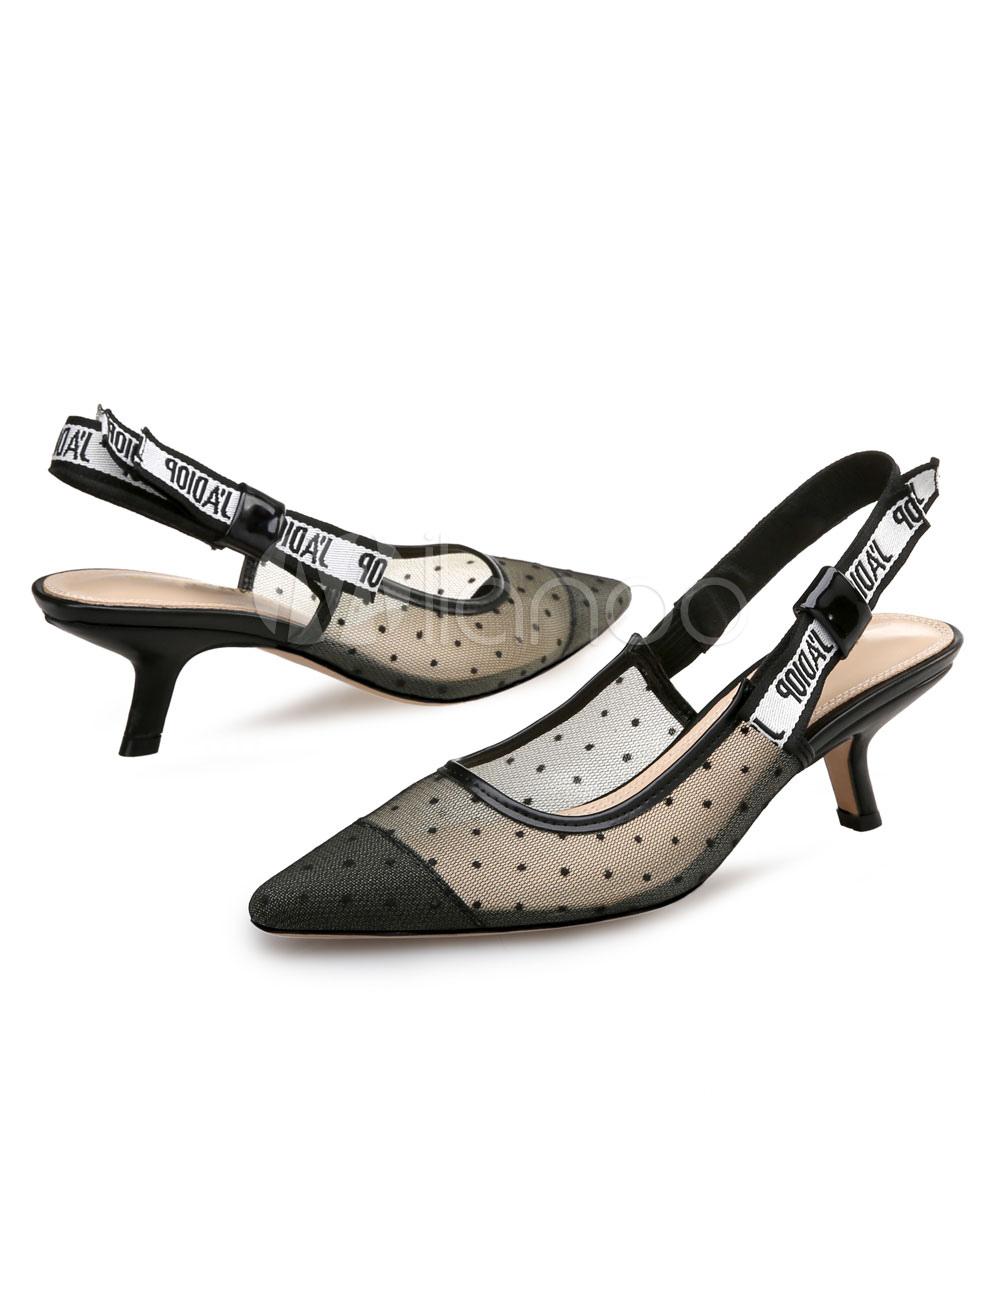 purchase cheap c37c3 28eab Scarpe con tacco medio donna pizzo nere tacco basso e fino 5.5cm a punta  fiocchi decolletè fuori